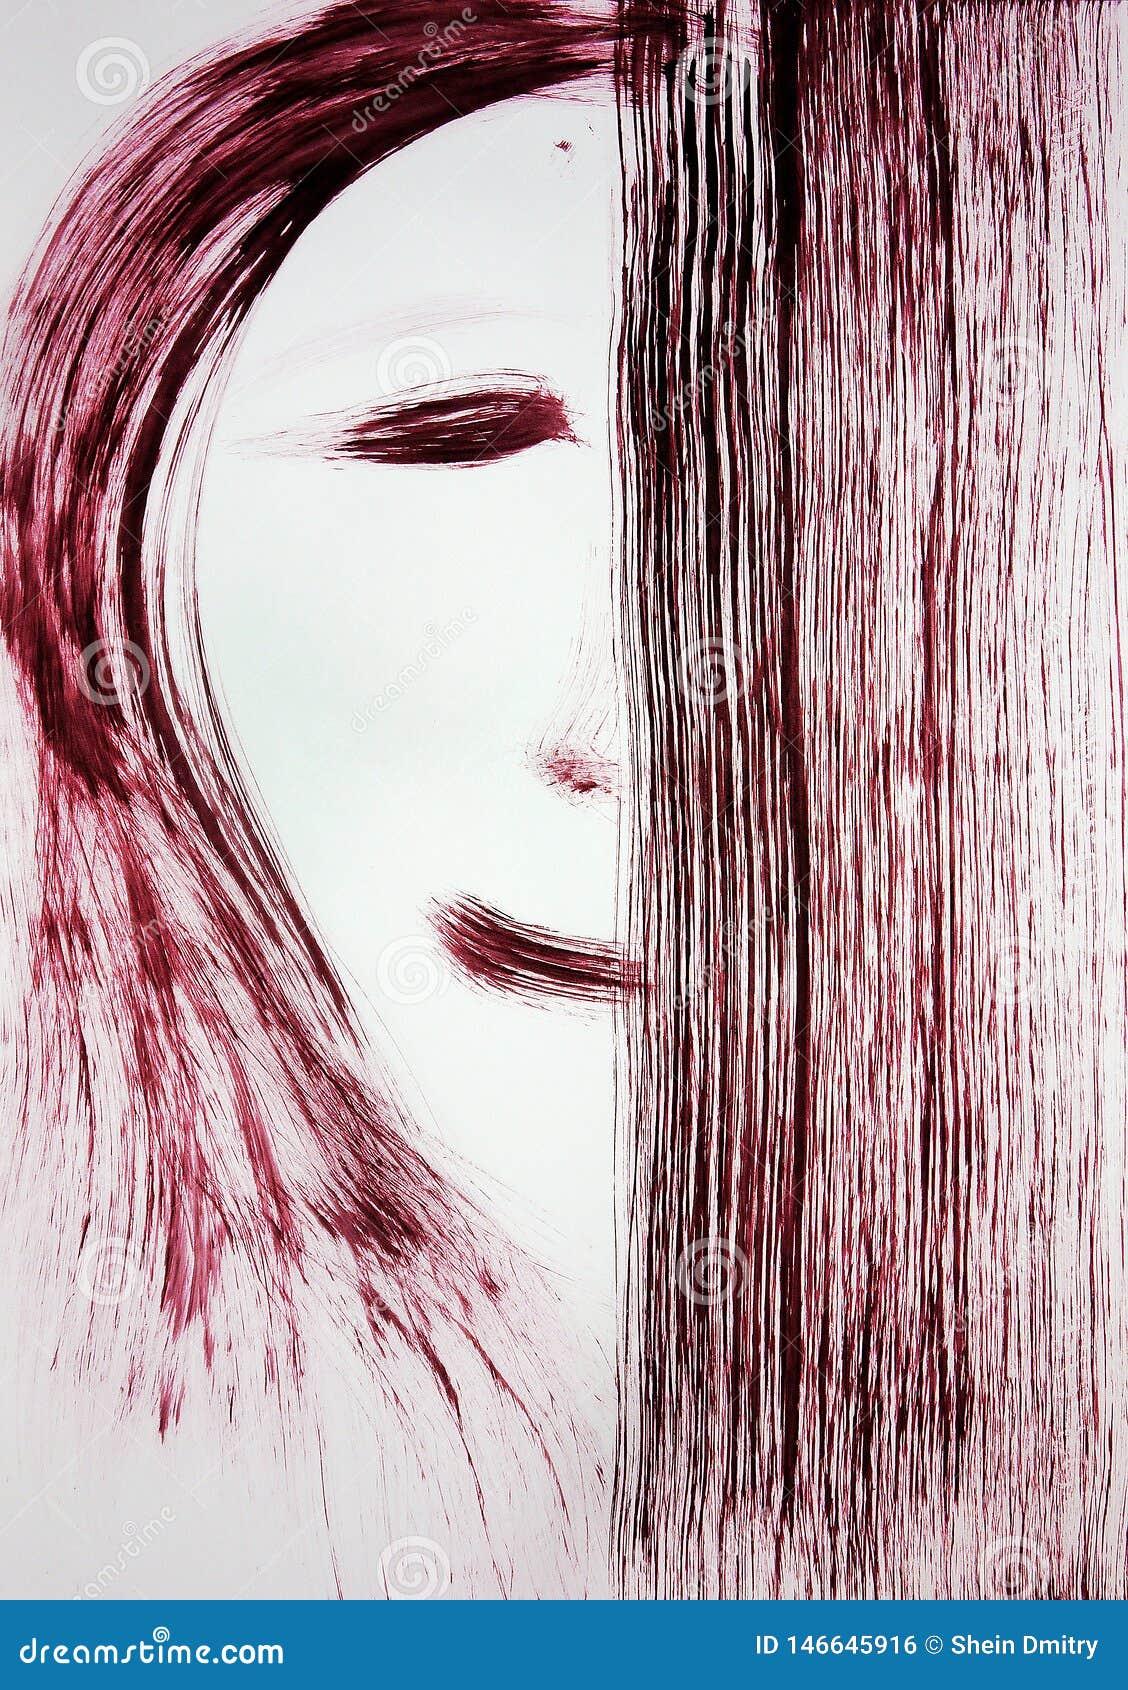 Une brosse dessine le visage d une personne, moitié du visage est couverte de rectangle ind?cision